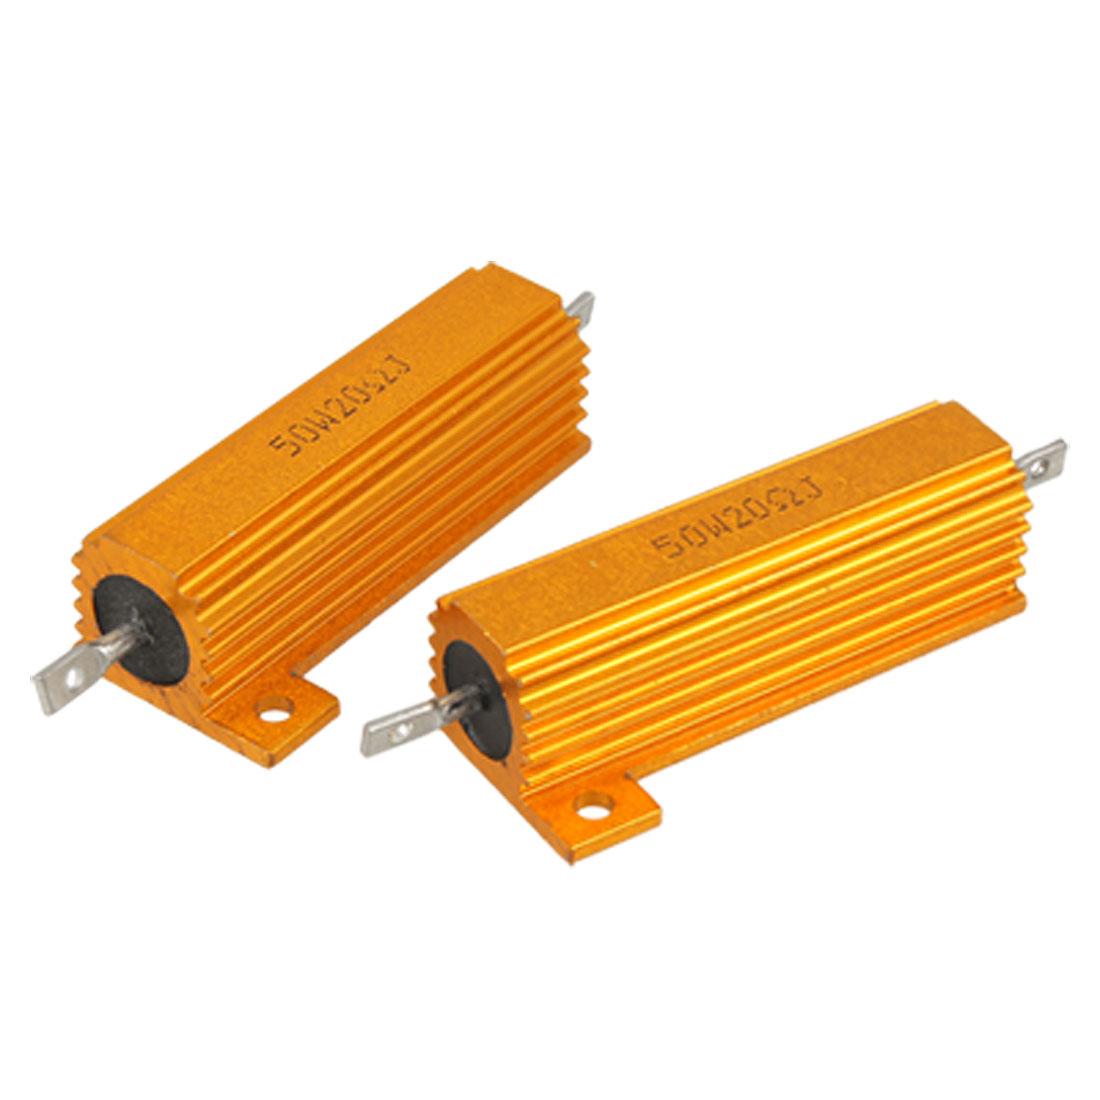 Electrical Gold Tone Aluminum Case 5% 20 Ohm Resistance Resistors 2 Pcs